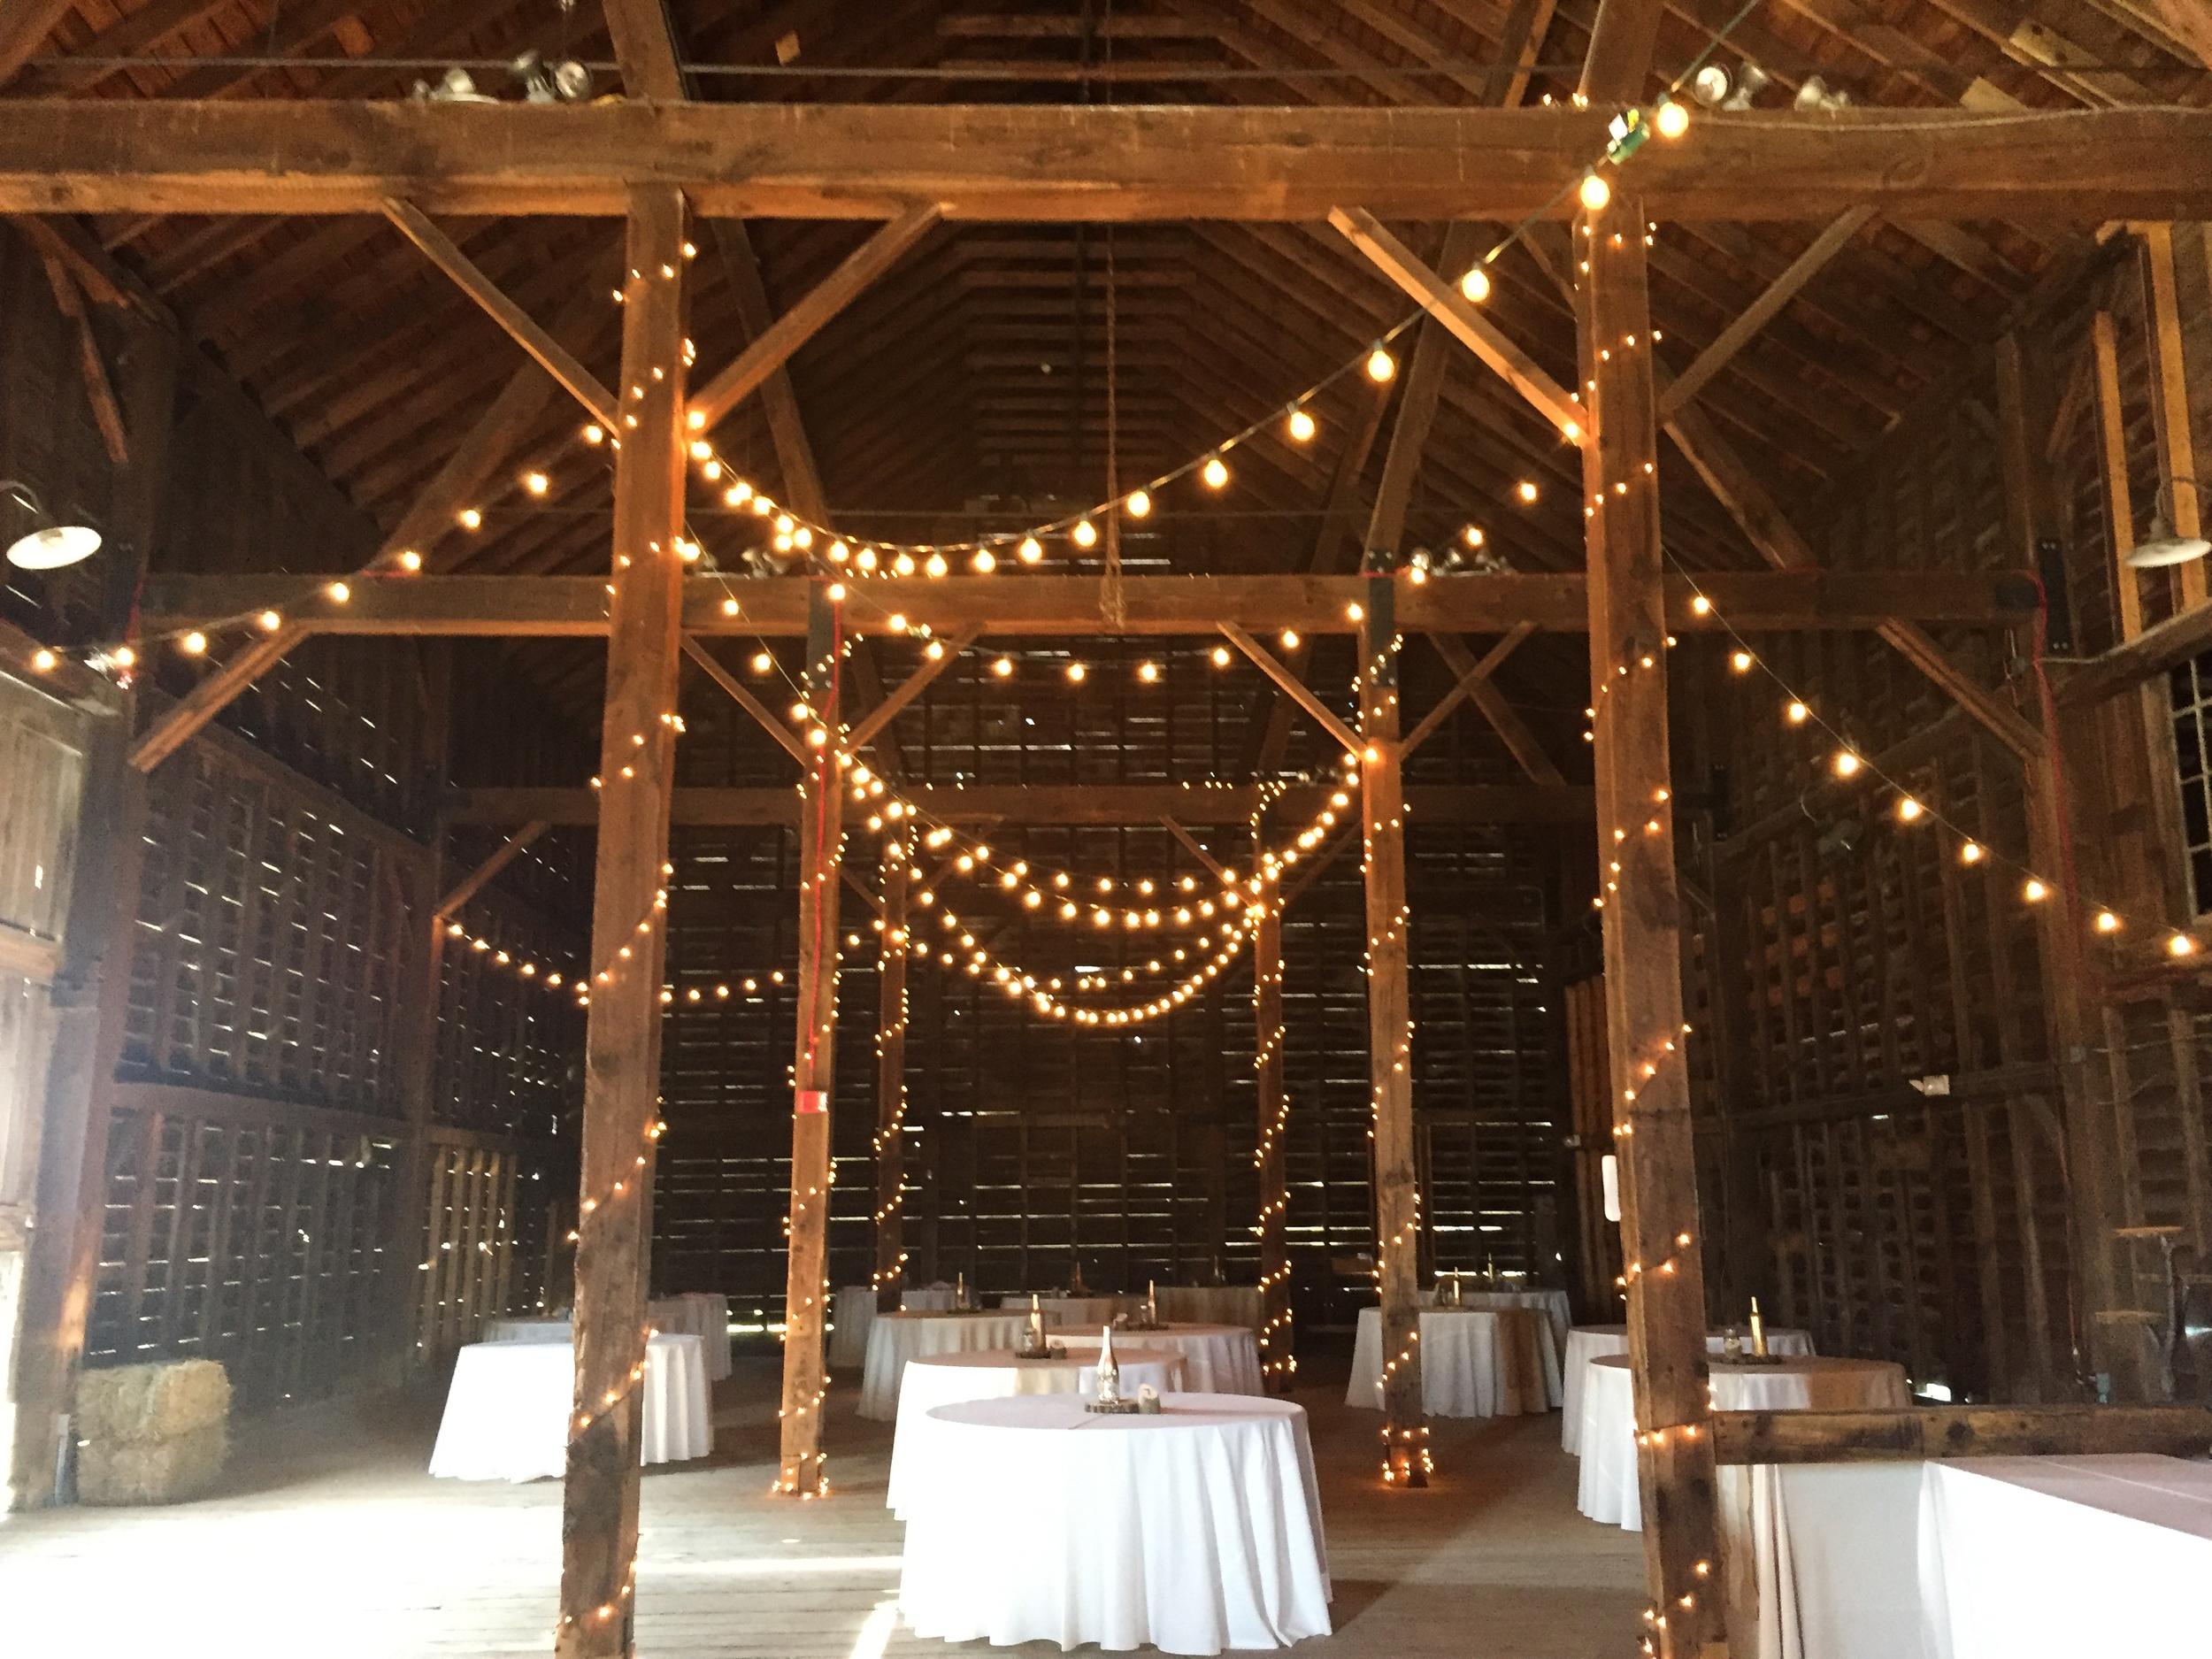 albany ny barn wedding